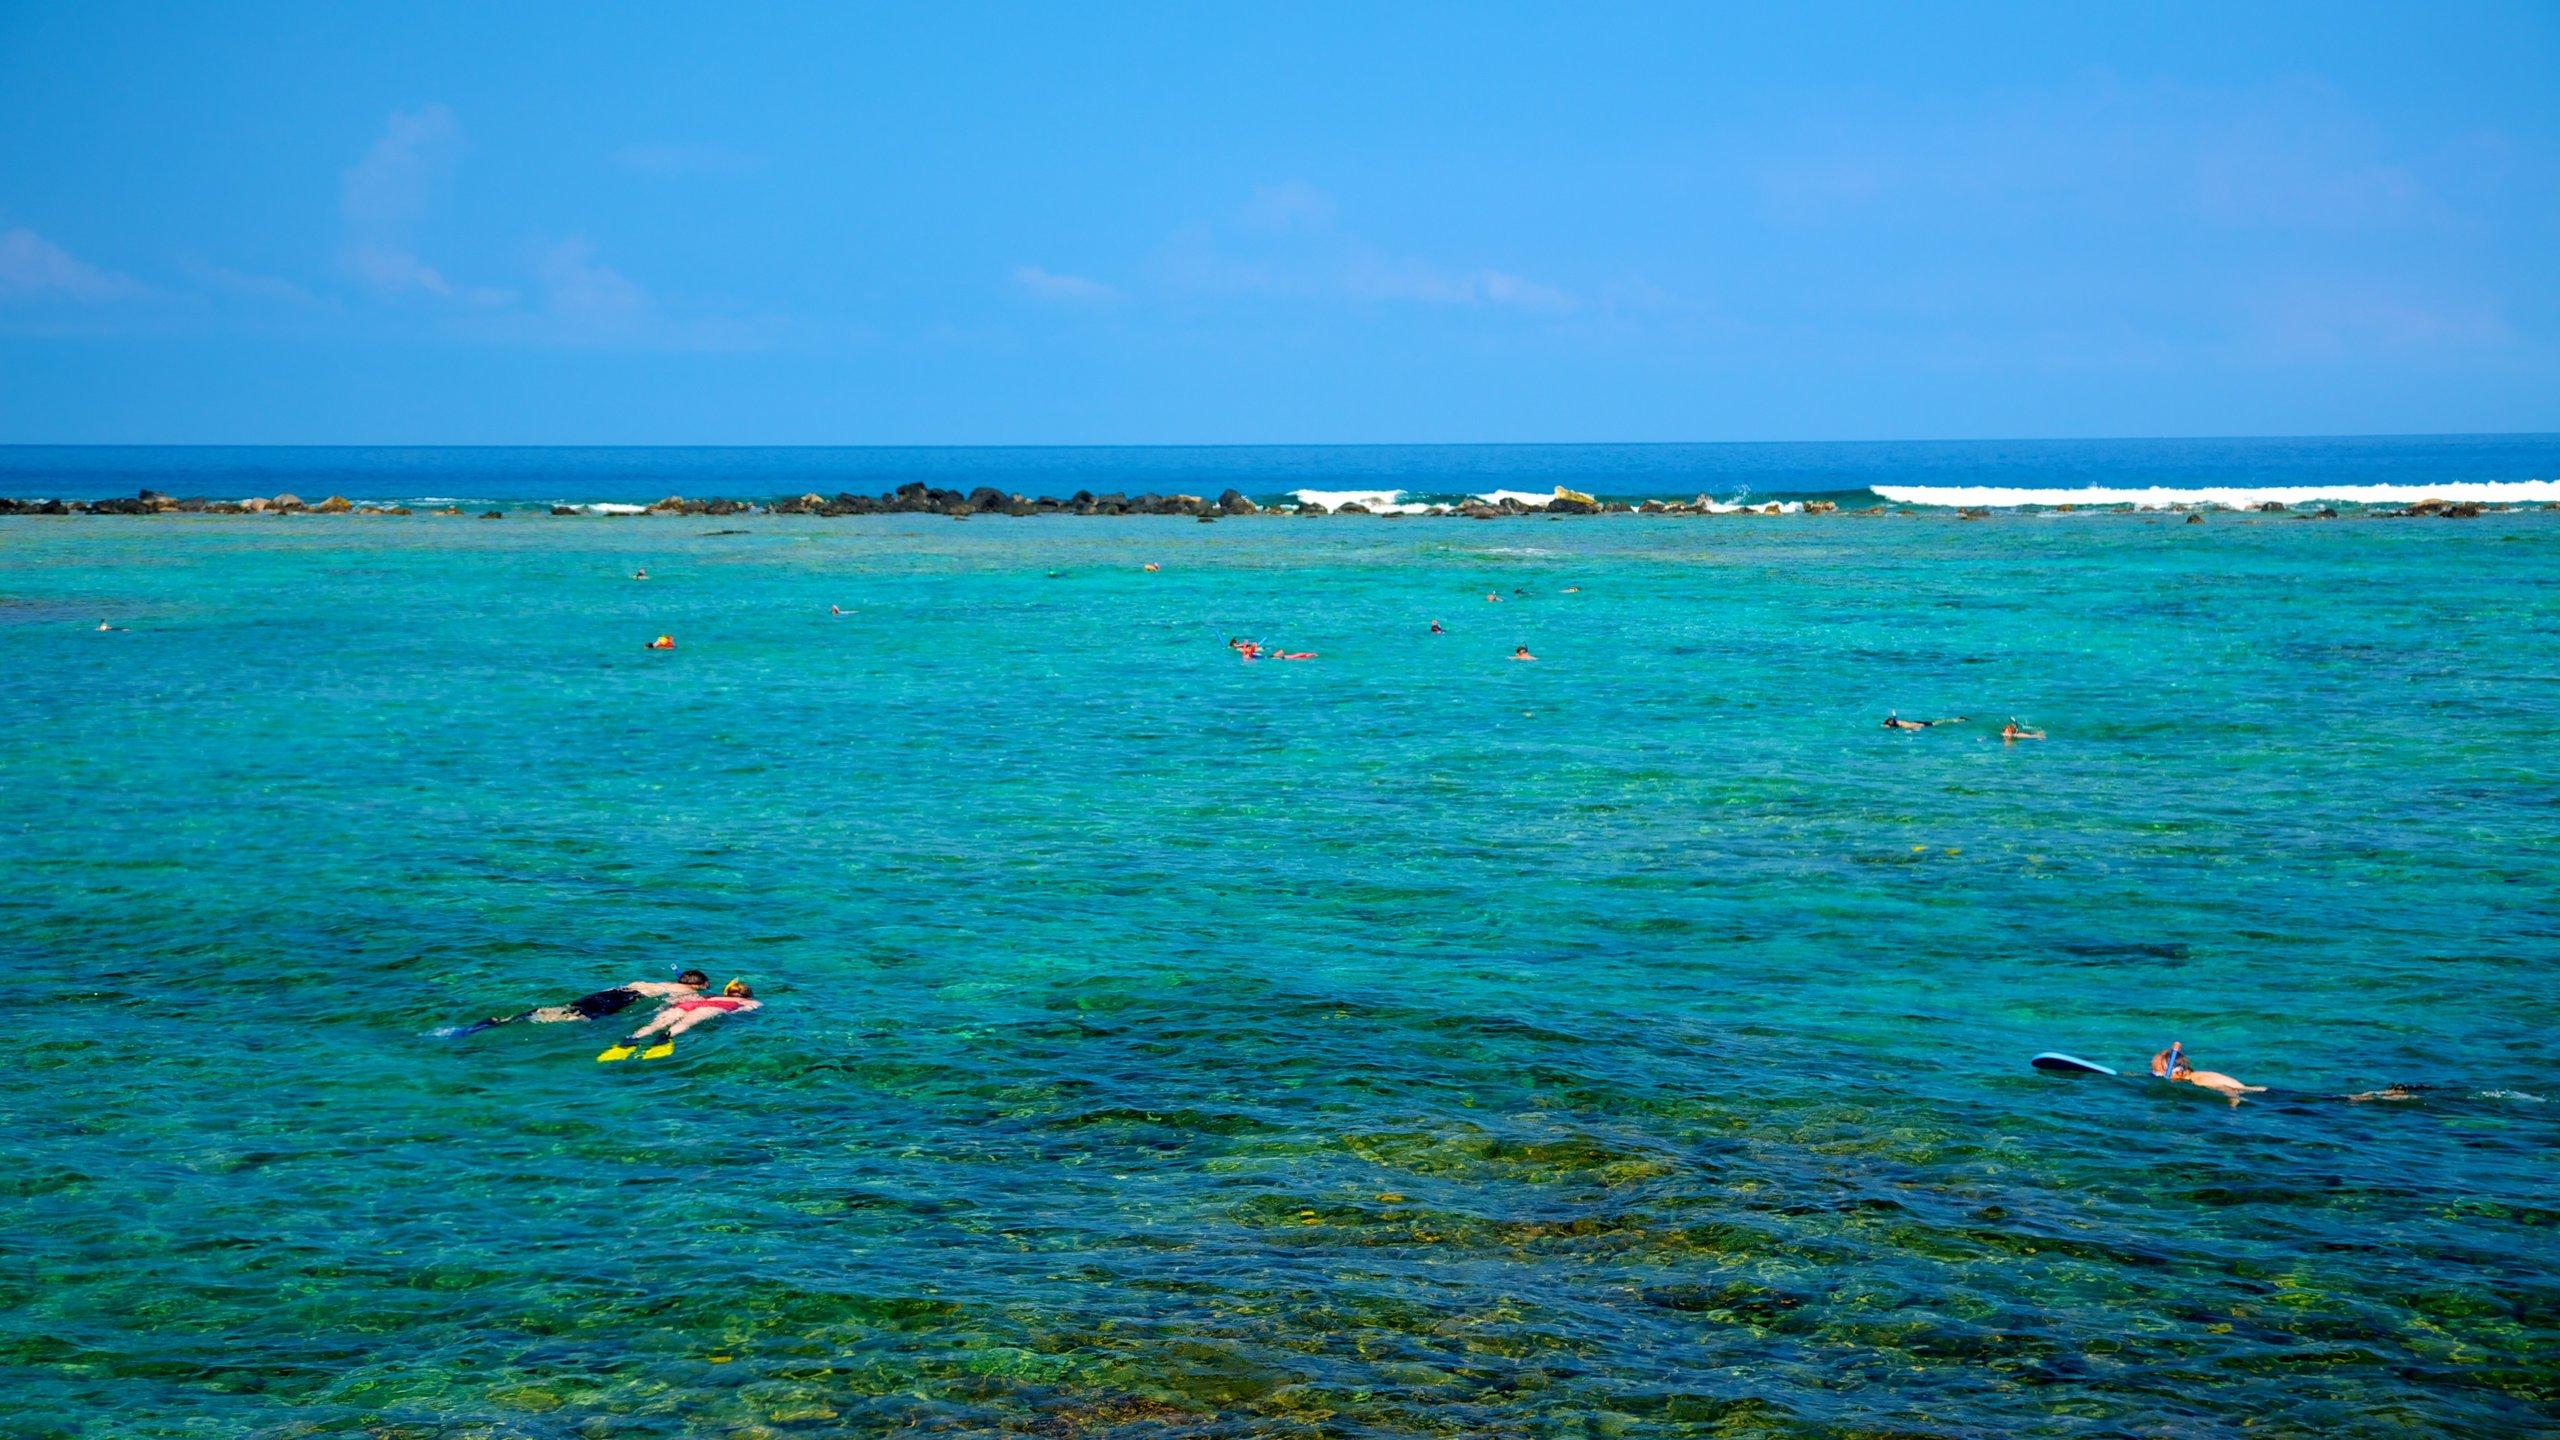 Kahaluu Bay, Kahaluu-Keauhou, Hawaii, United States of America